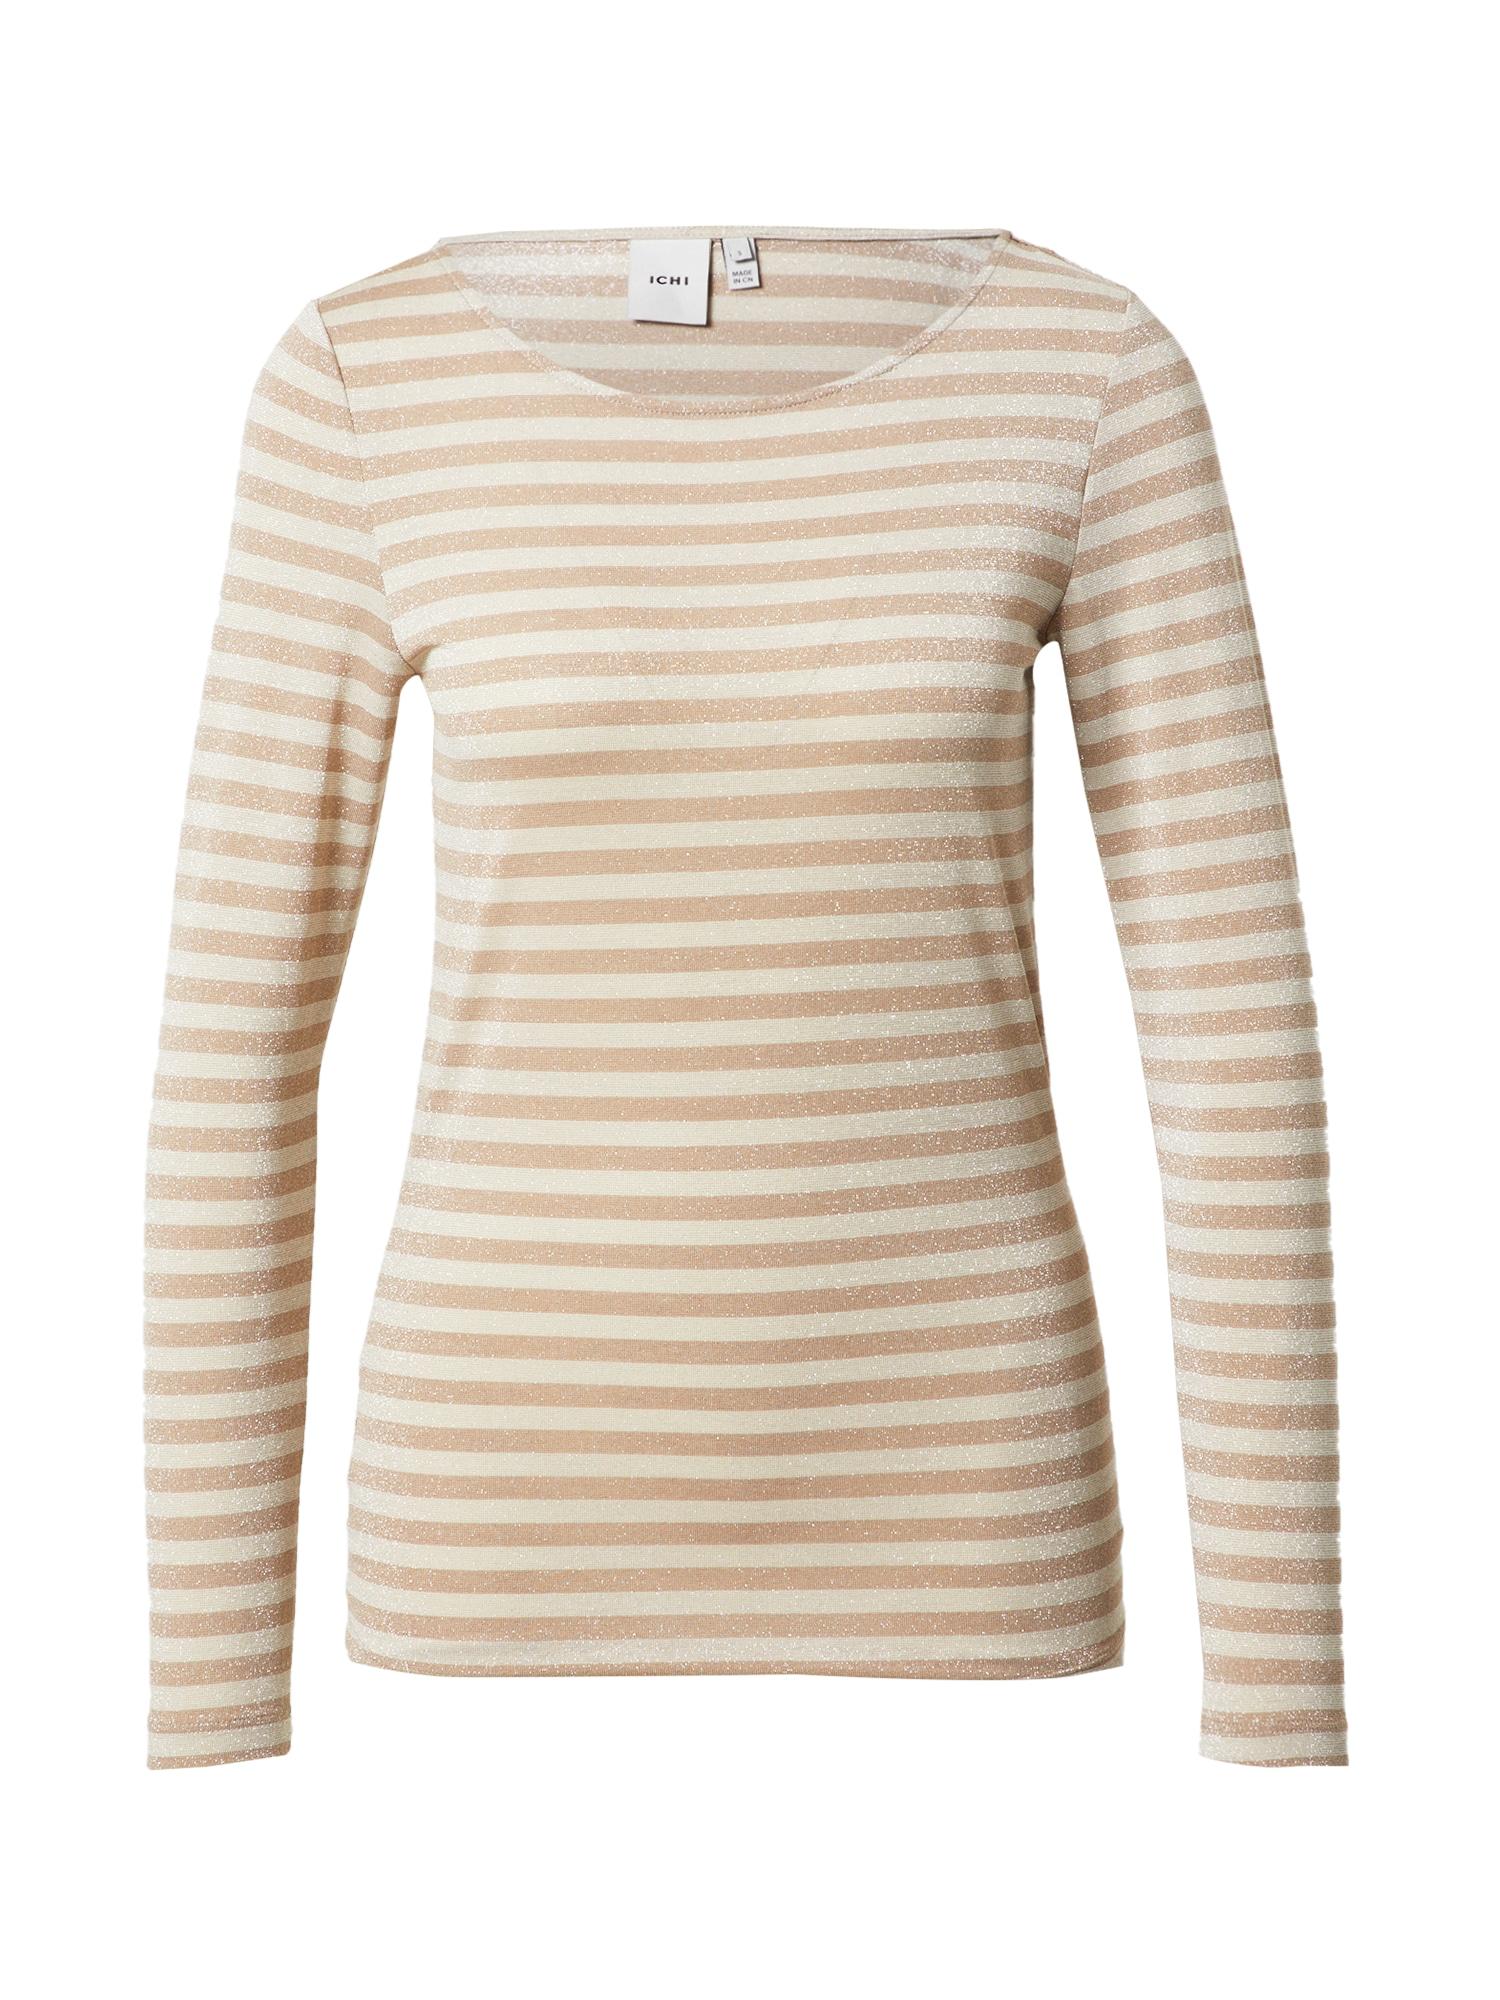 ICHI Marškinėliai gelsvai pilka spalva / kremo